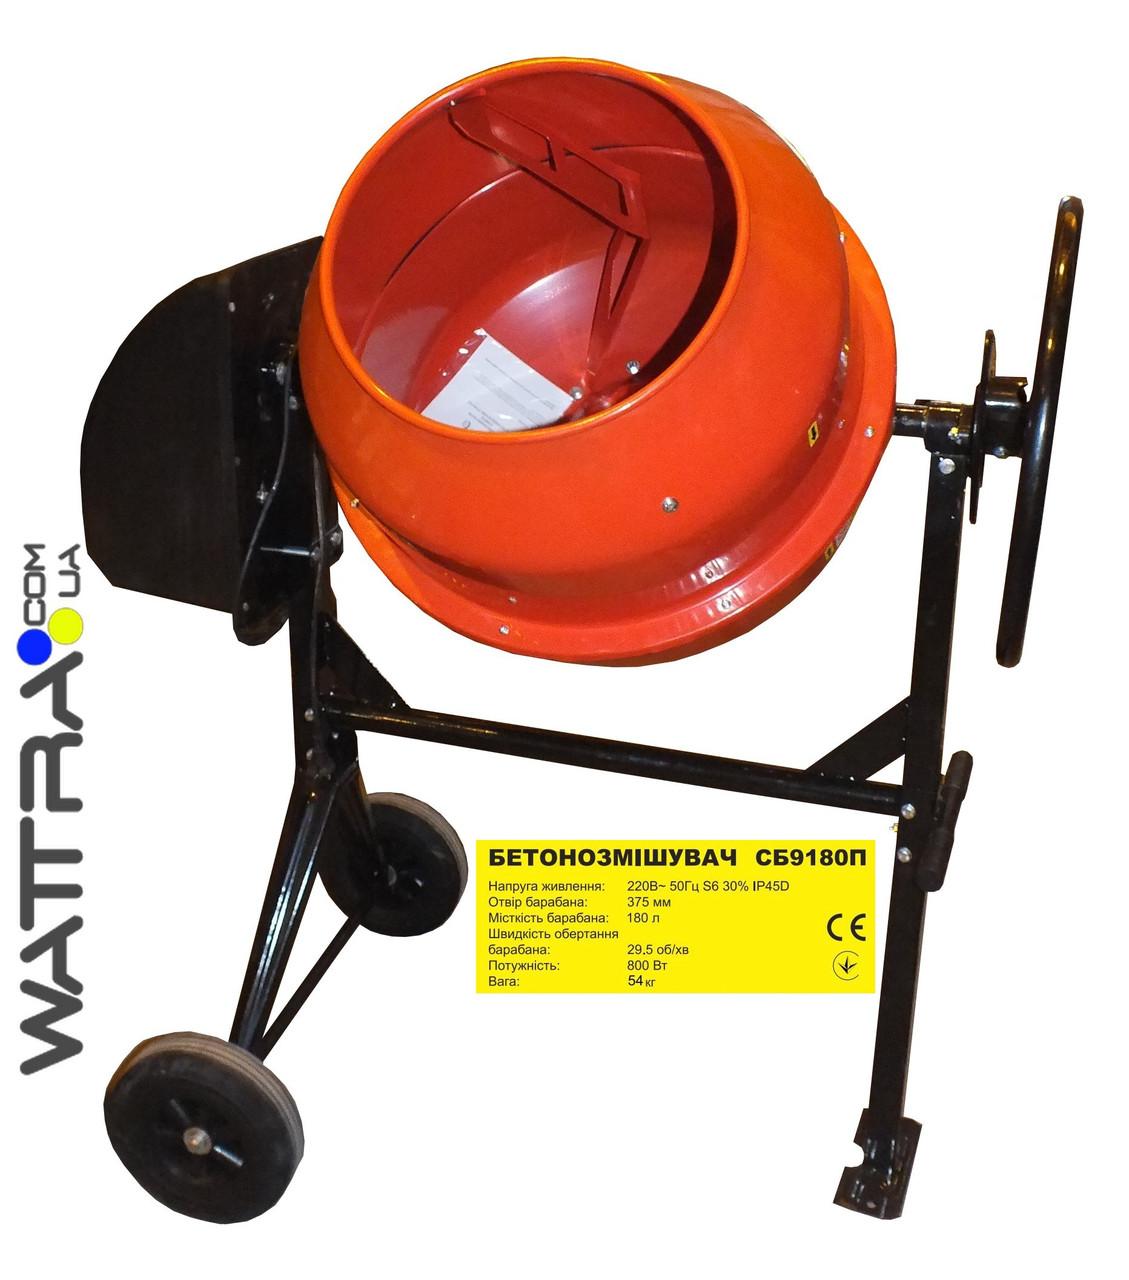 ⭐ Бетономешалка Orange СБ 9180П, бак 180 л, готовая смесь 135 л, 800 Вт, вес 62,3 кг, упаковка 840X730X440